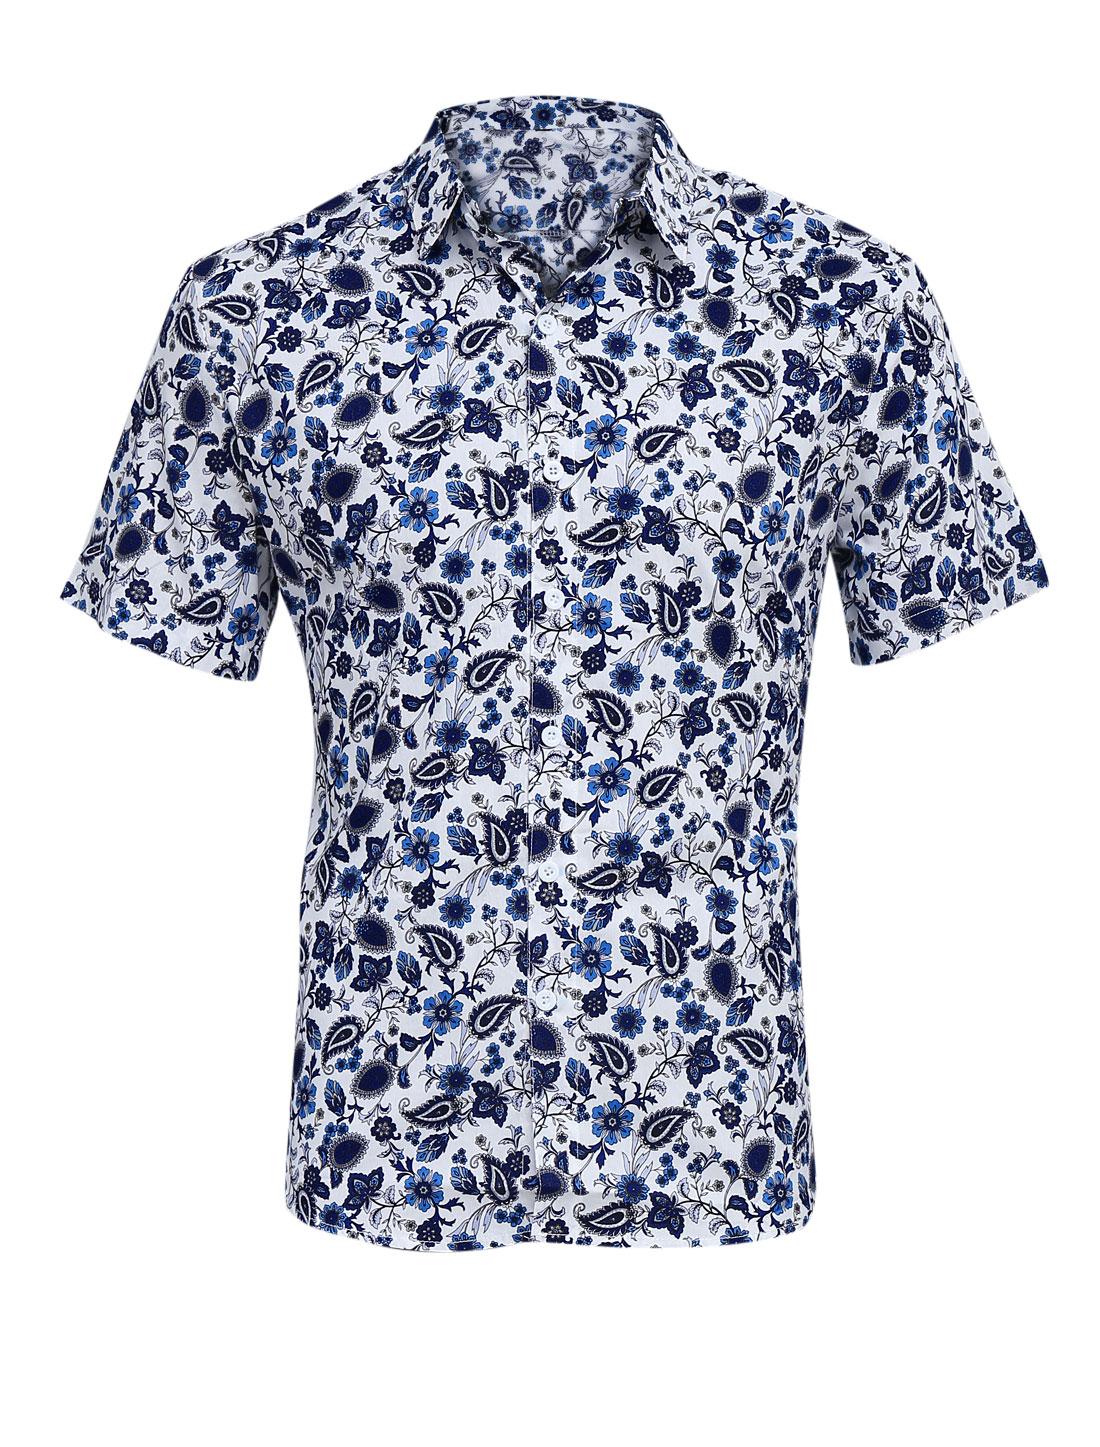 Men Point Collar Button-Front Floral Prints Shirt Multicolor M